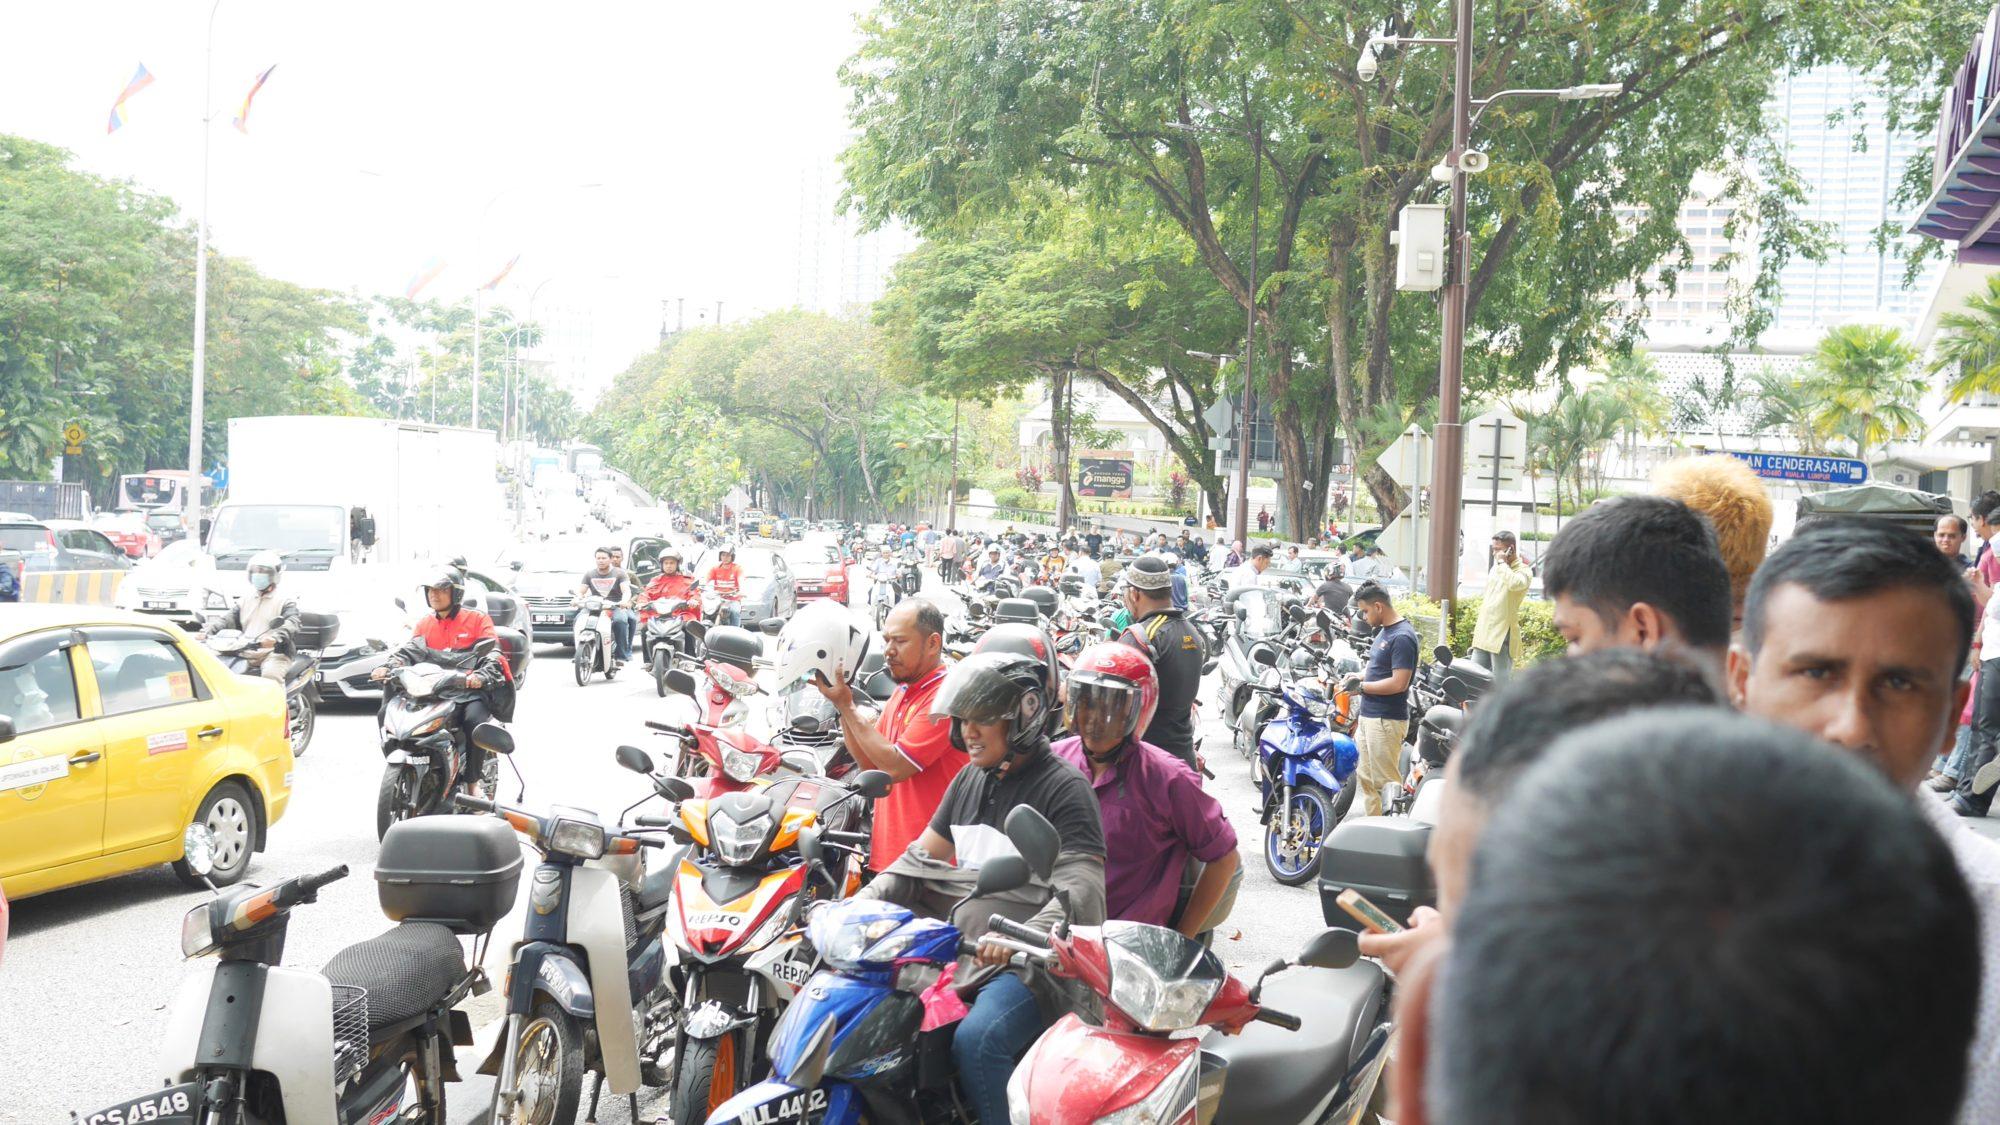 金曜日お昼の国立モスク付近。大混雑!